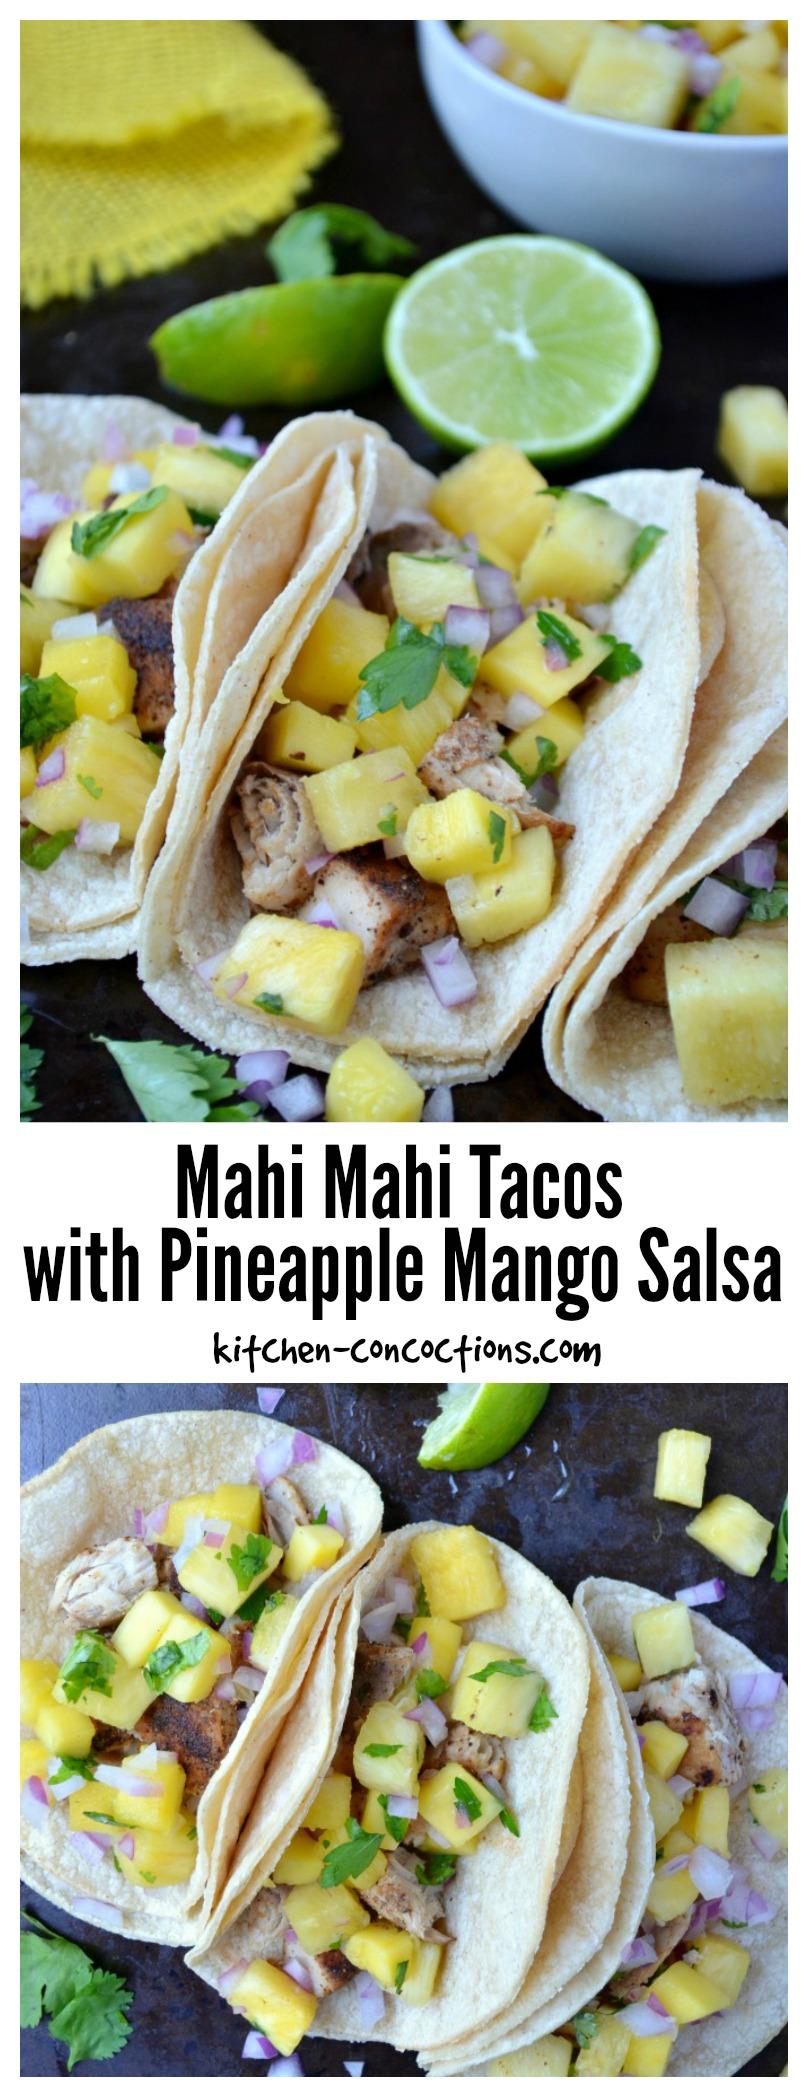 Mahi Mahi Tacos with Pineapple Mango Salsa